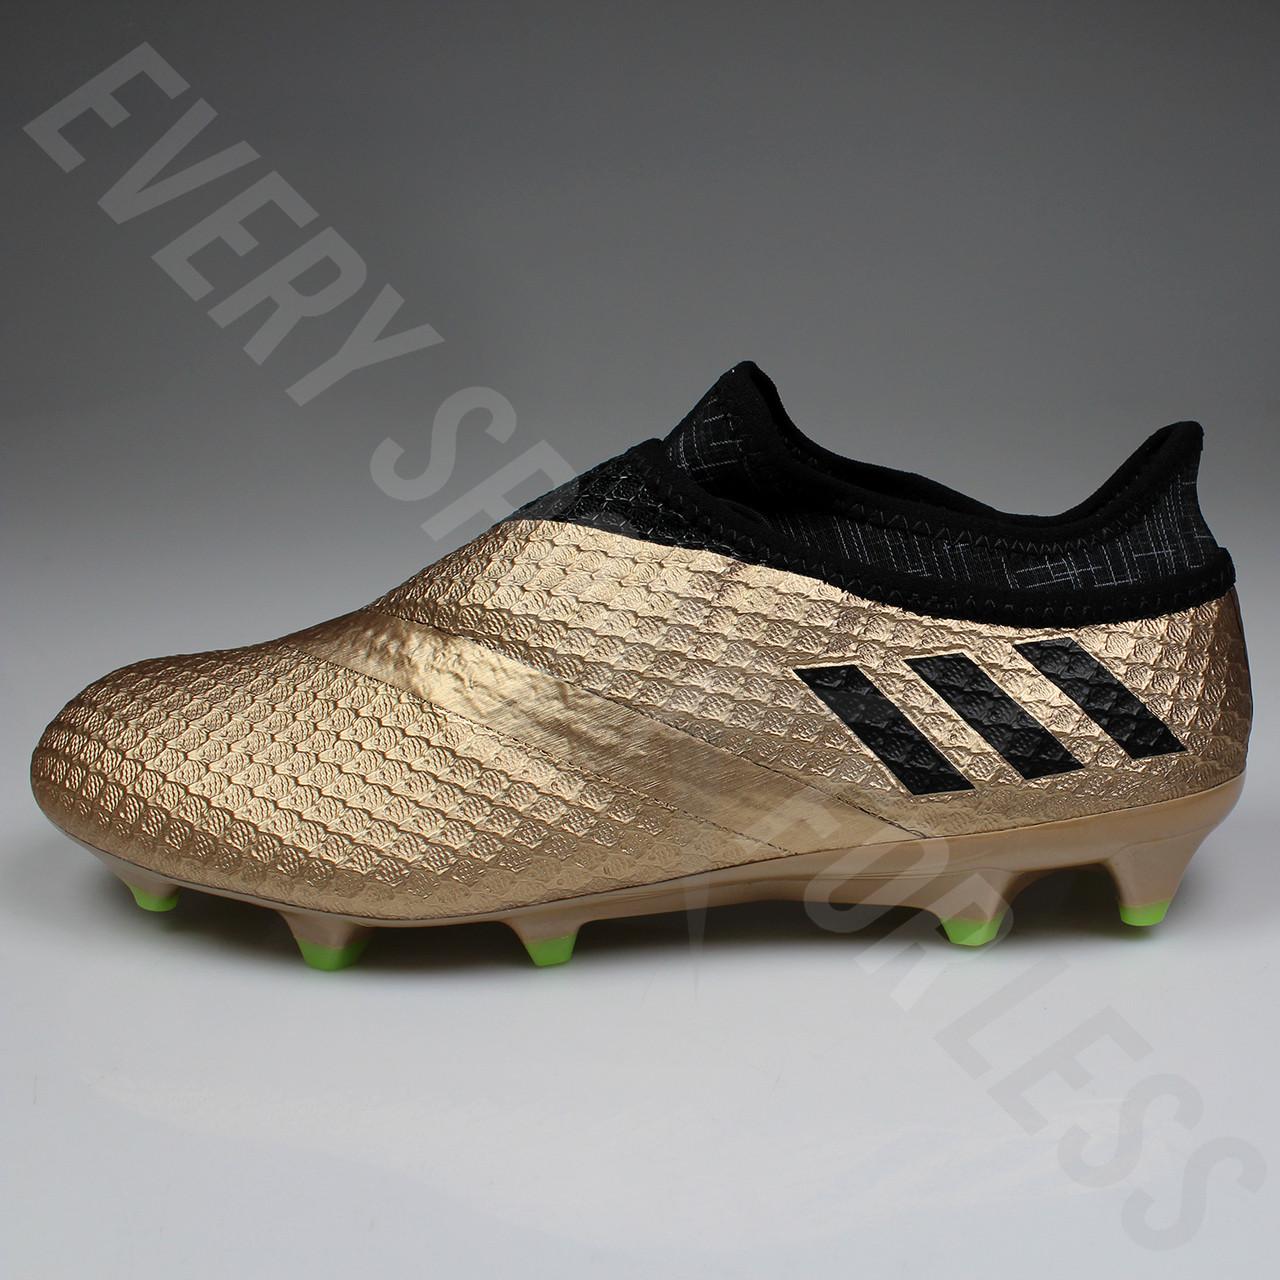 new product 87928 72e2b ... Adidas Messi 16+ Pureagility FG Mens Soccer Cleats BA9821 - Black,  Copper ...